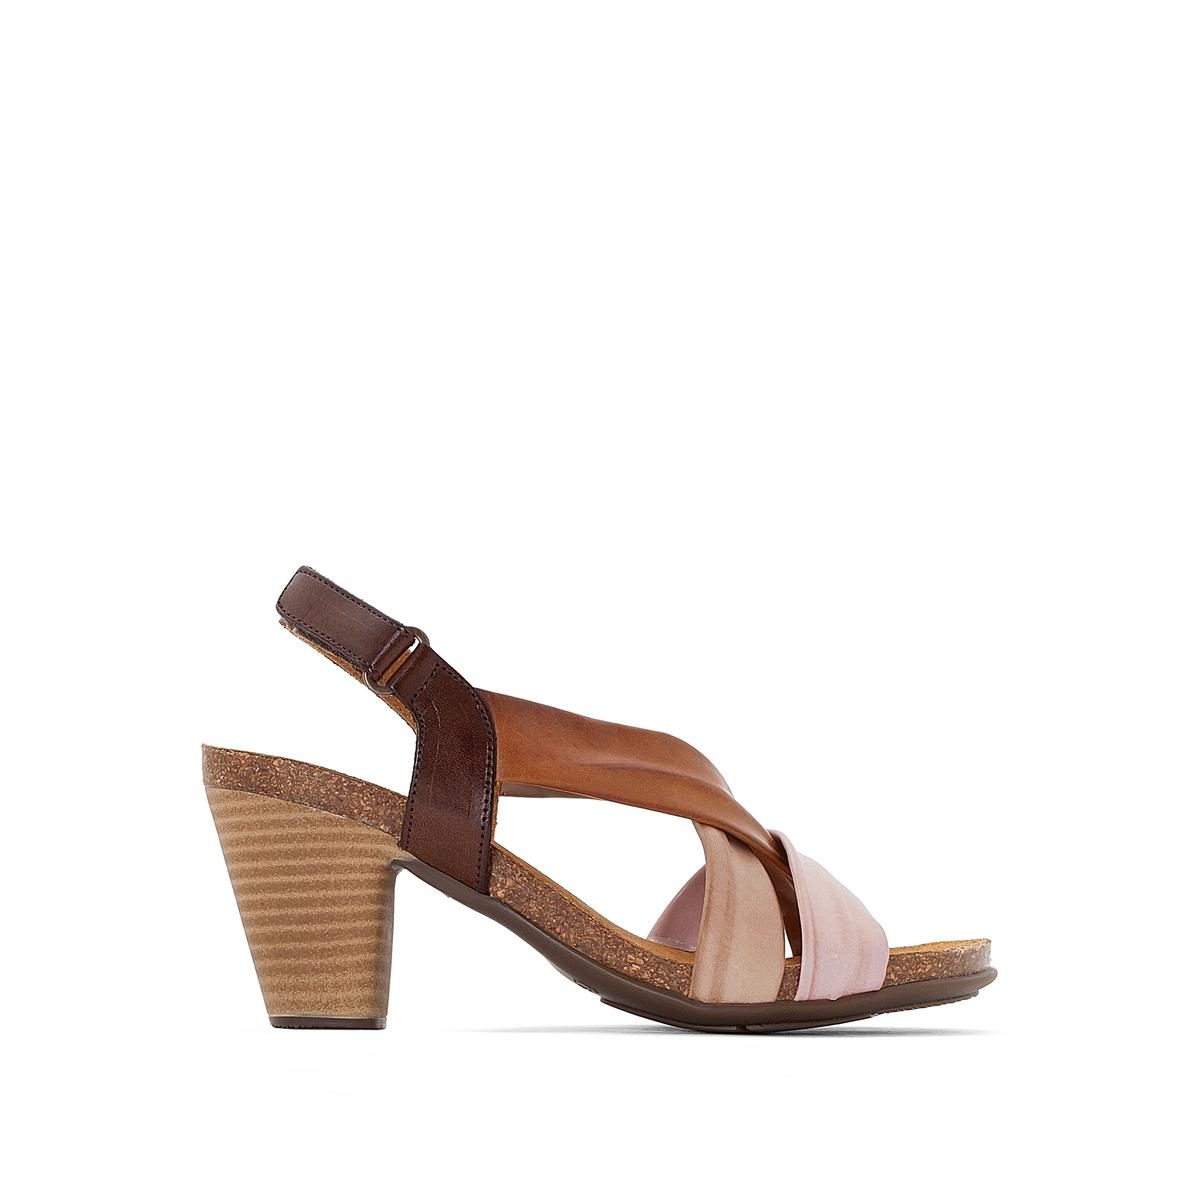 Босоножки кожаные LizВерх : кожа   Стелька : кожа   Подошва : эластомер   Высота каблука : 8 см   Форма каблука : квадратный каблук   Мысок : открытый мысок   Застежка : пряжка<br><br>Цвет: каштановый<br>Размер: 38